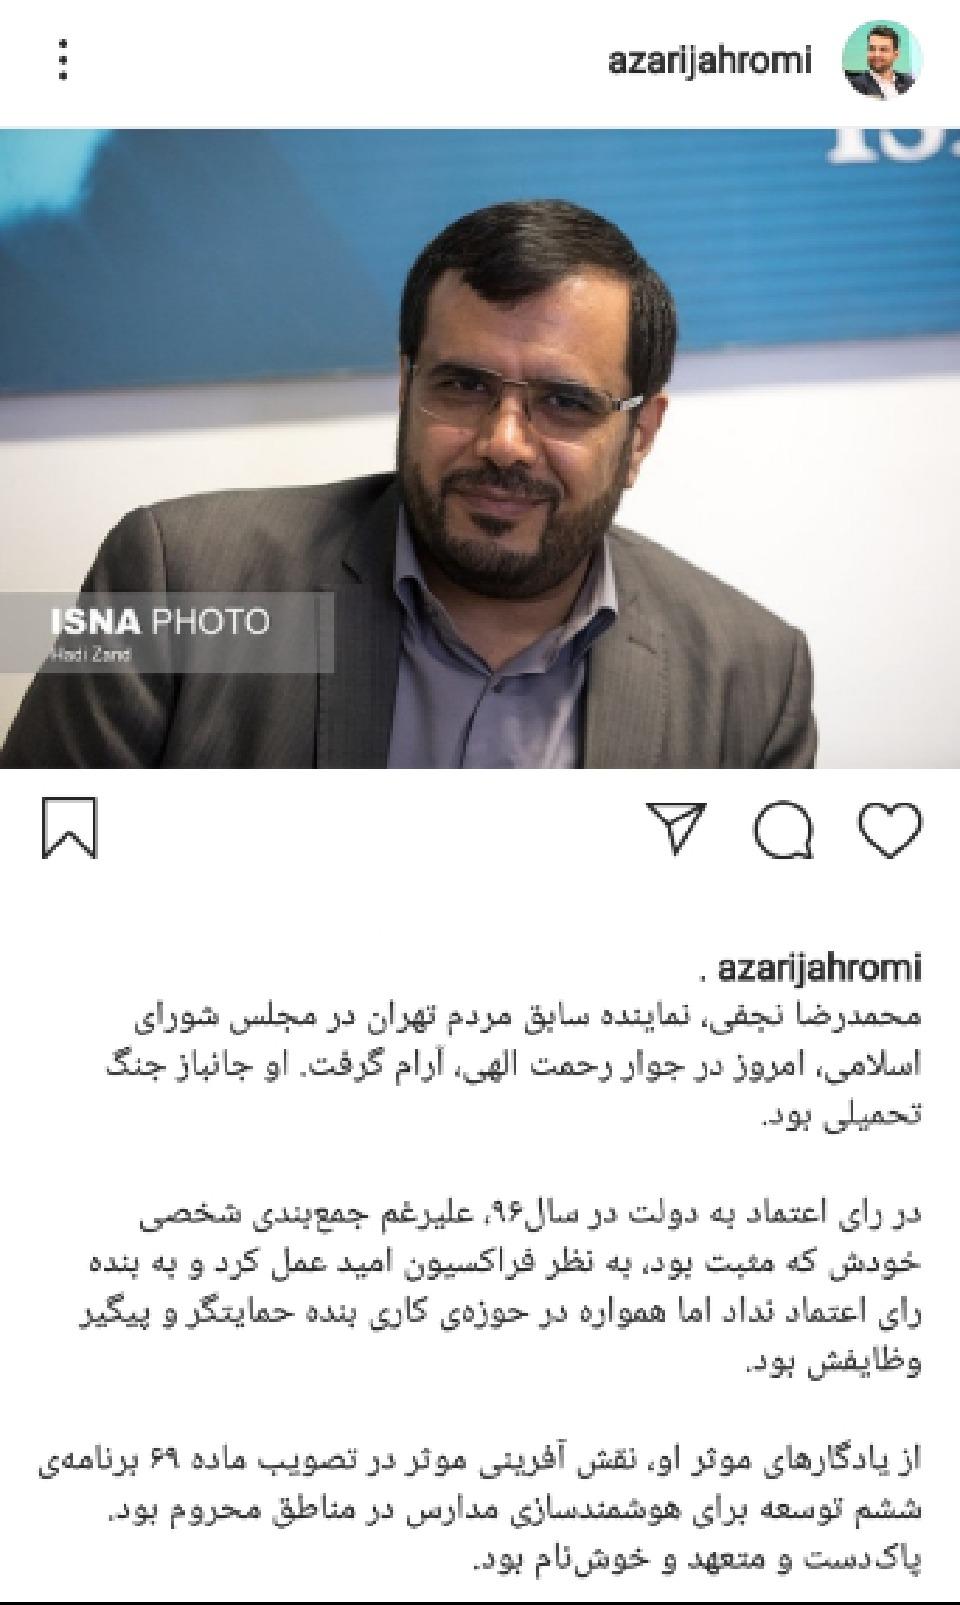 تسلیت جهرمی بابت درگذشت نماینده مجلس